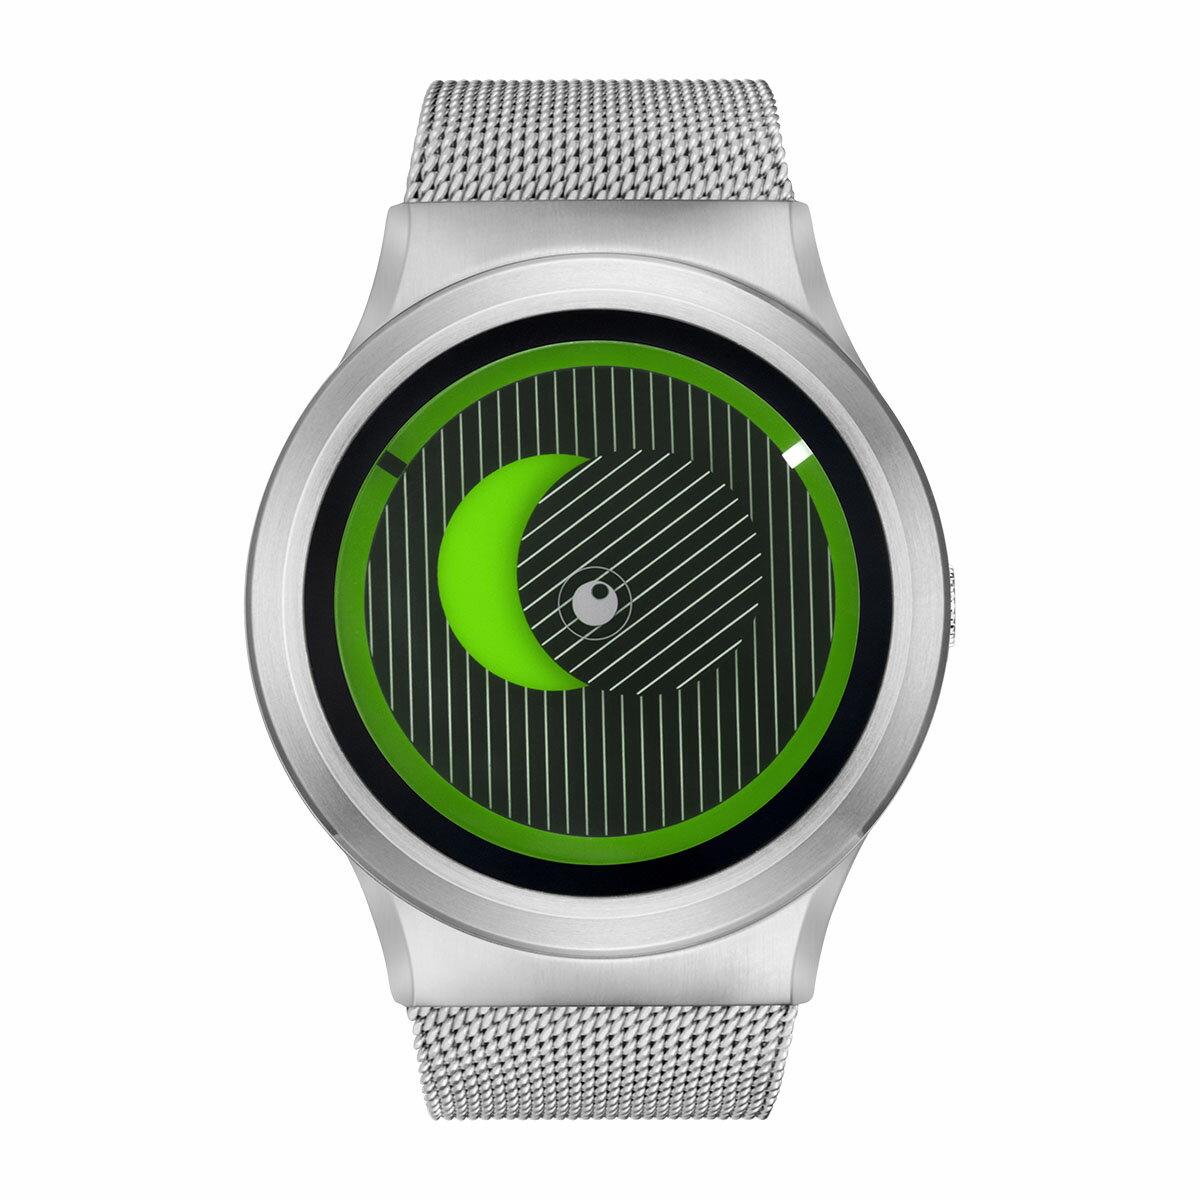 ZEROO SECRET UNIVERSE ゼロ 電池式クォーツ 腕時計 [W05014B01SM01] グリーン デザインウォッチ ペア用 メンズ レディース ユニセックス おしゃれ時計 デザイナーズ